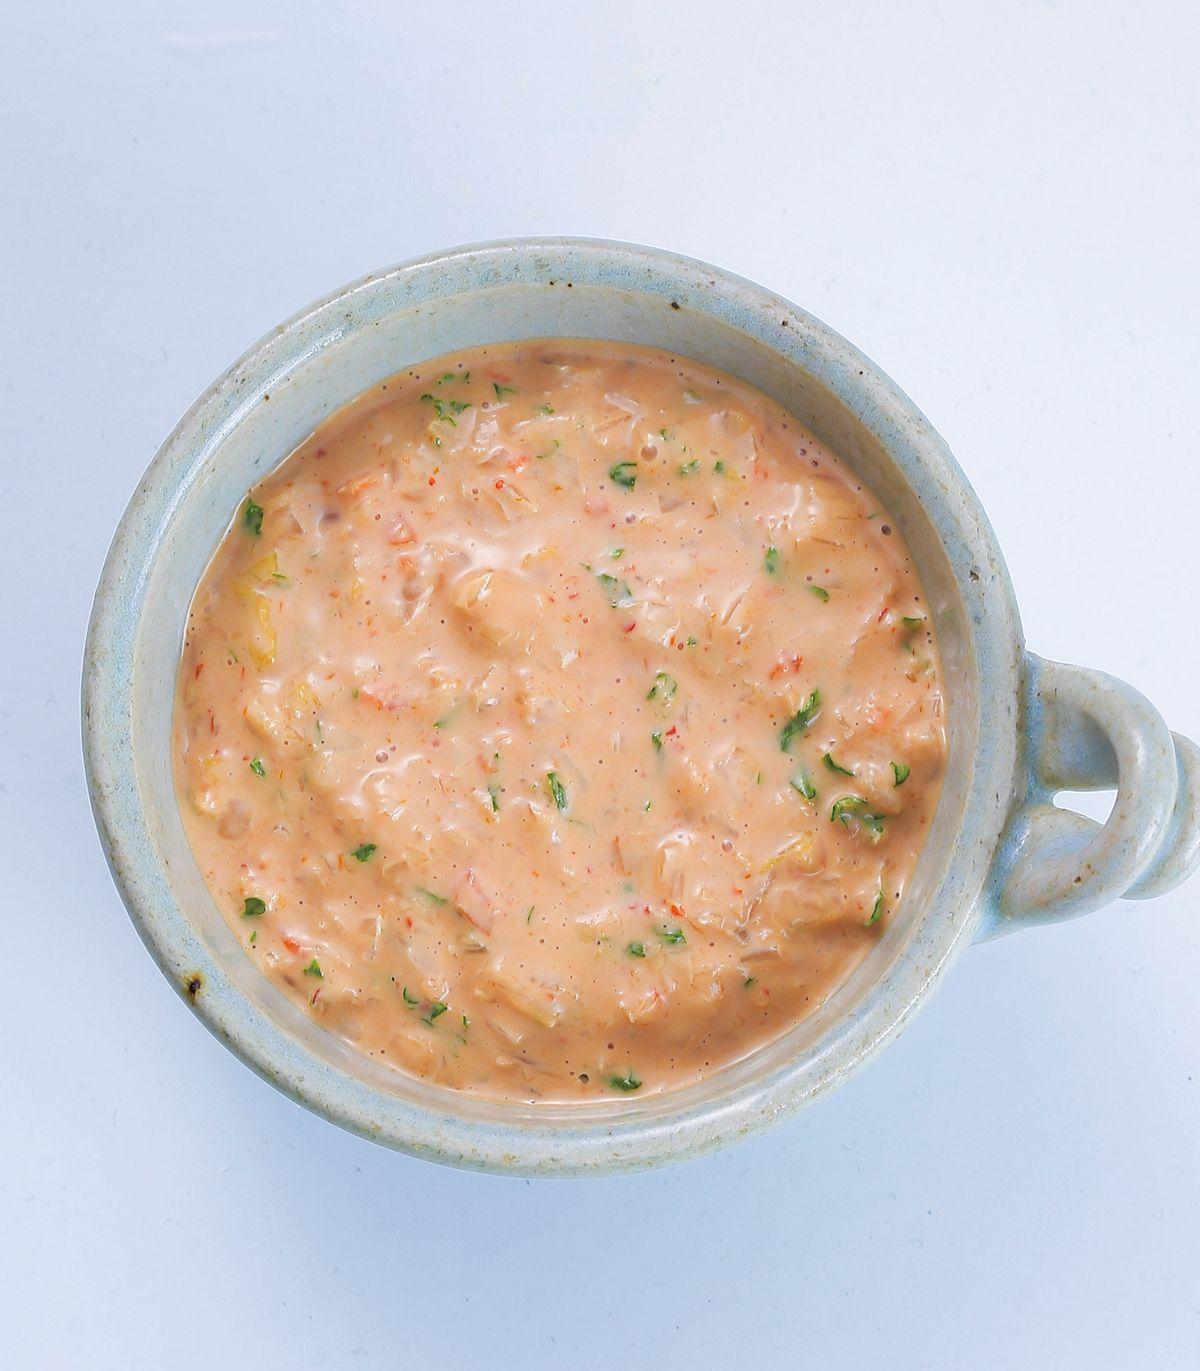 食譜:泡菜千島醬